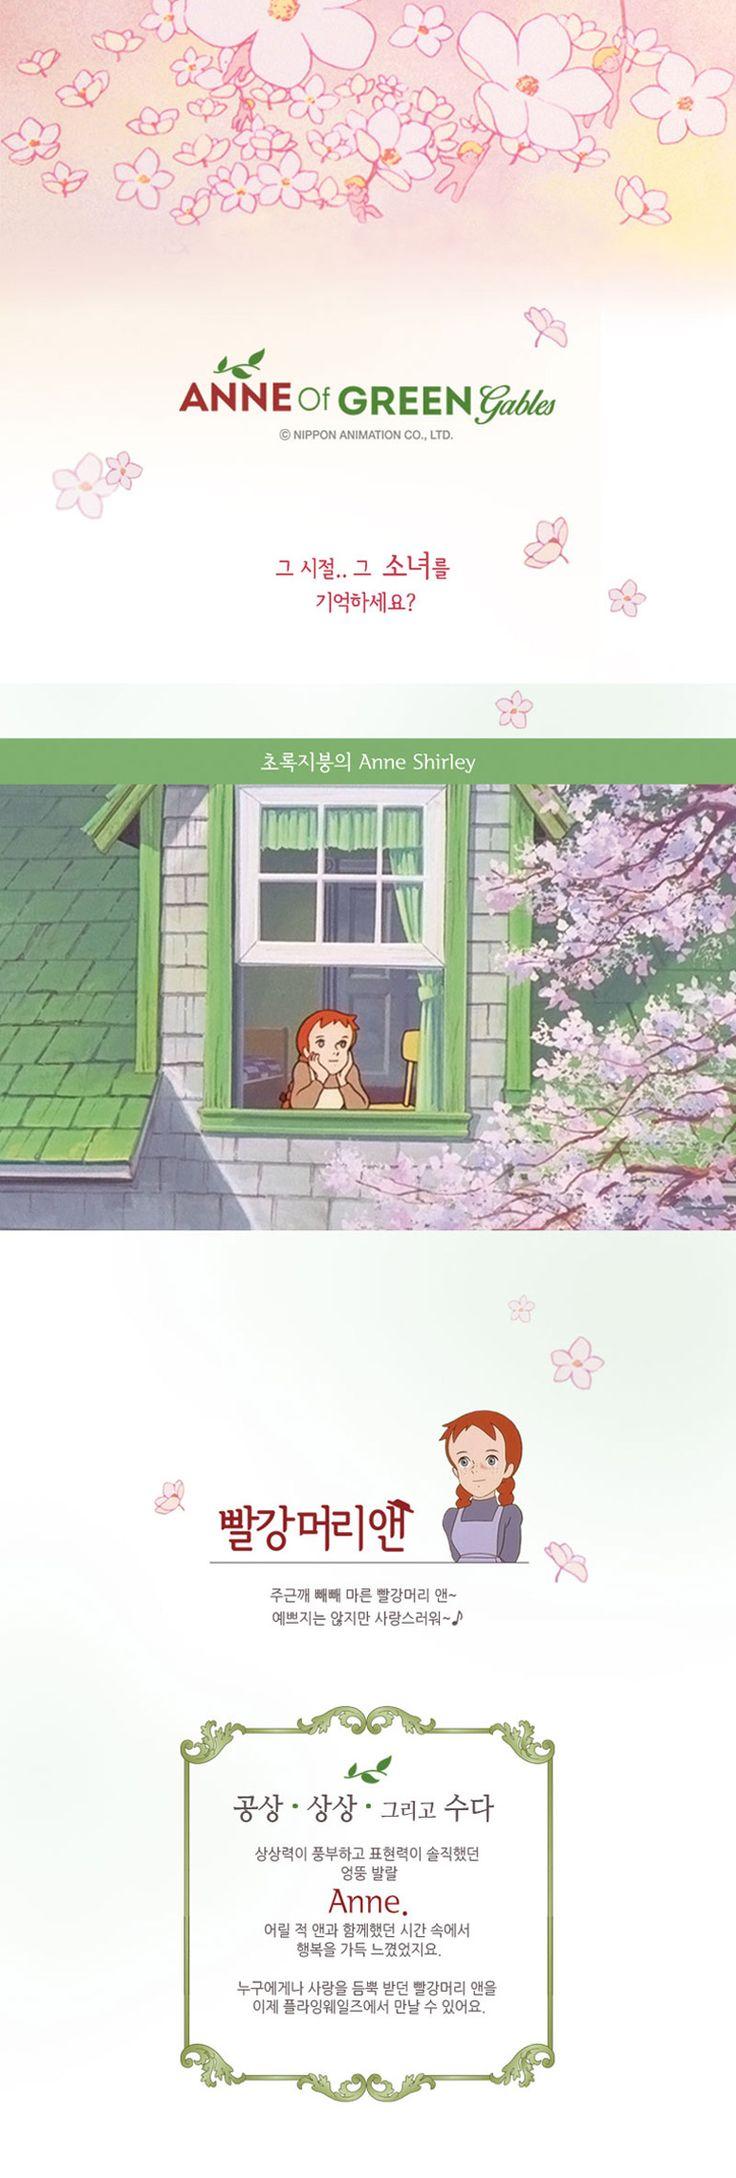 소박한 기쁨들이 조용히 이어지는 행복 빨강머리앤 - 티몬 :: 쇼핑을 뚝딱! 티몬